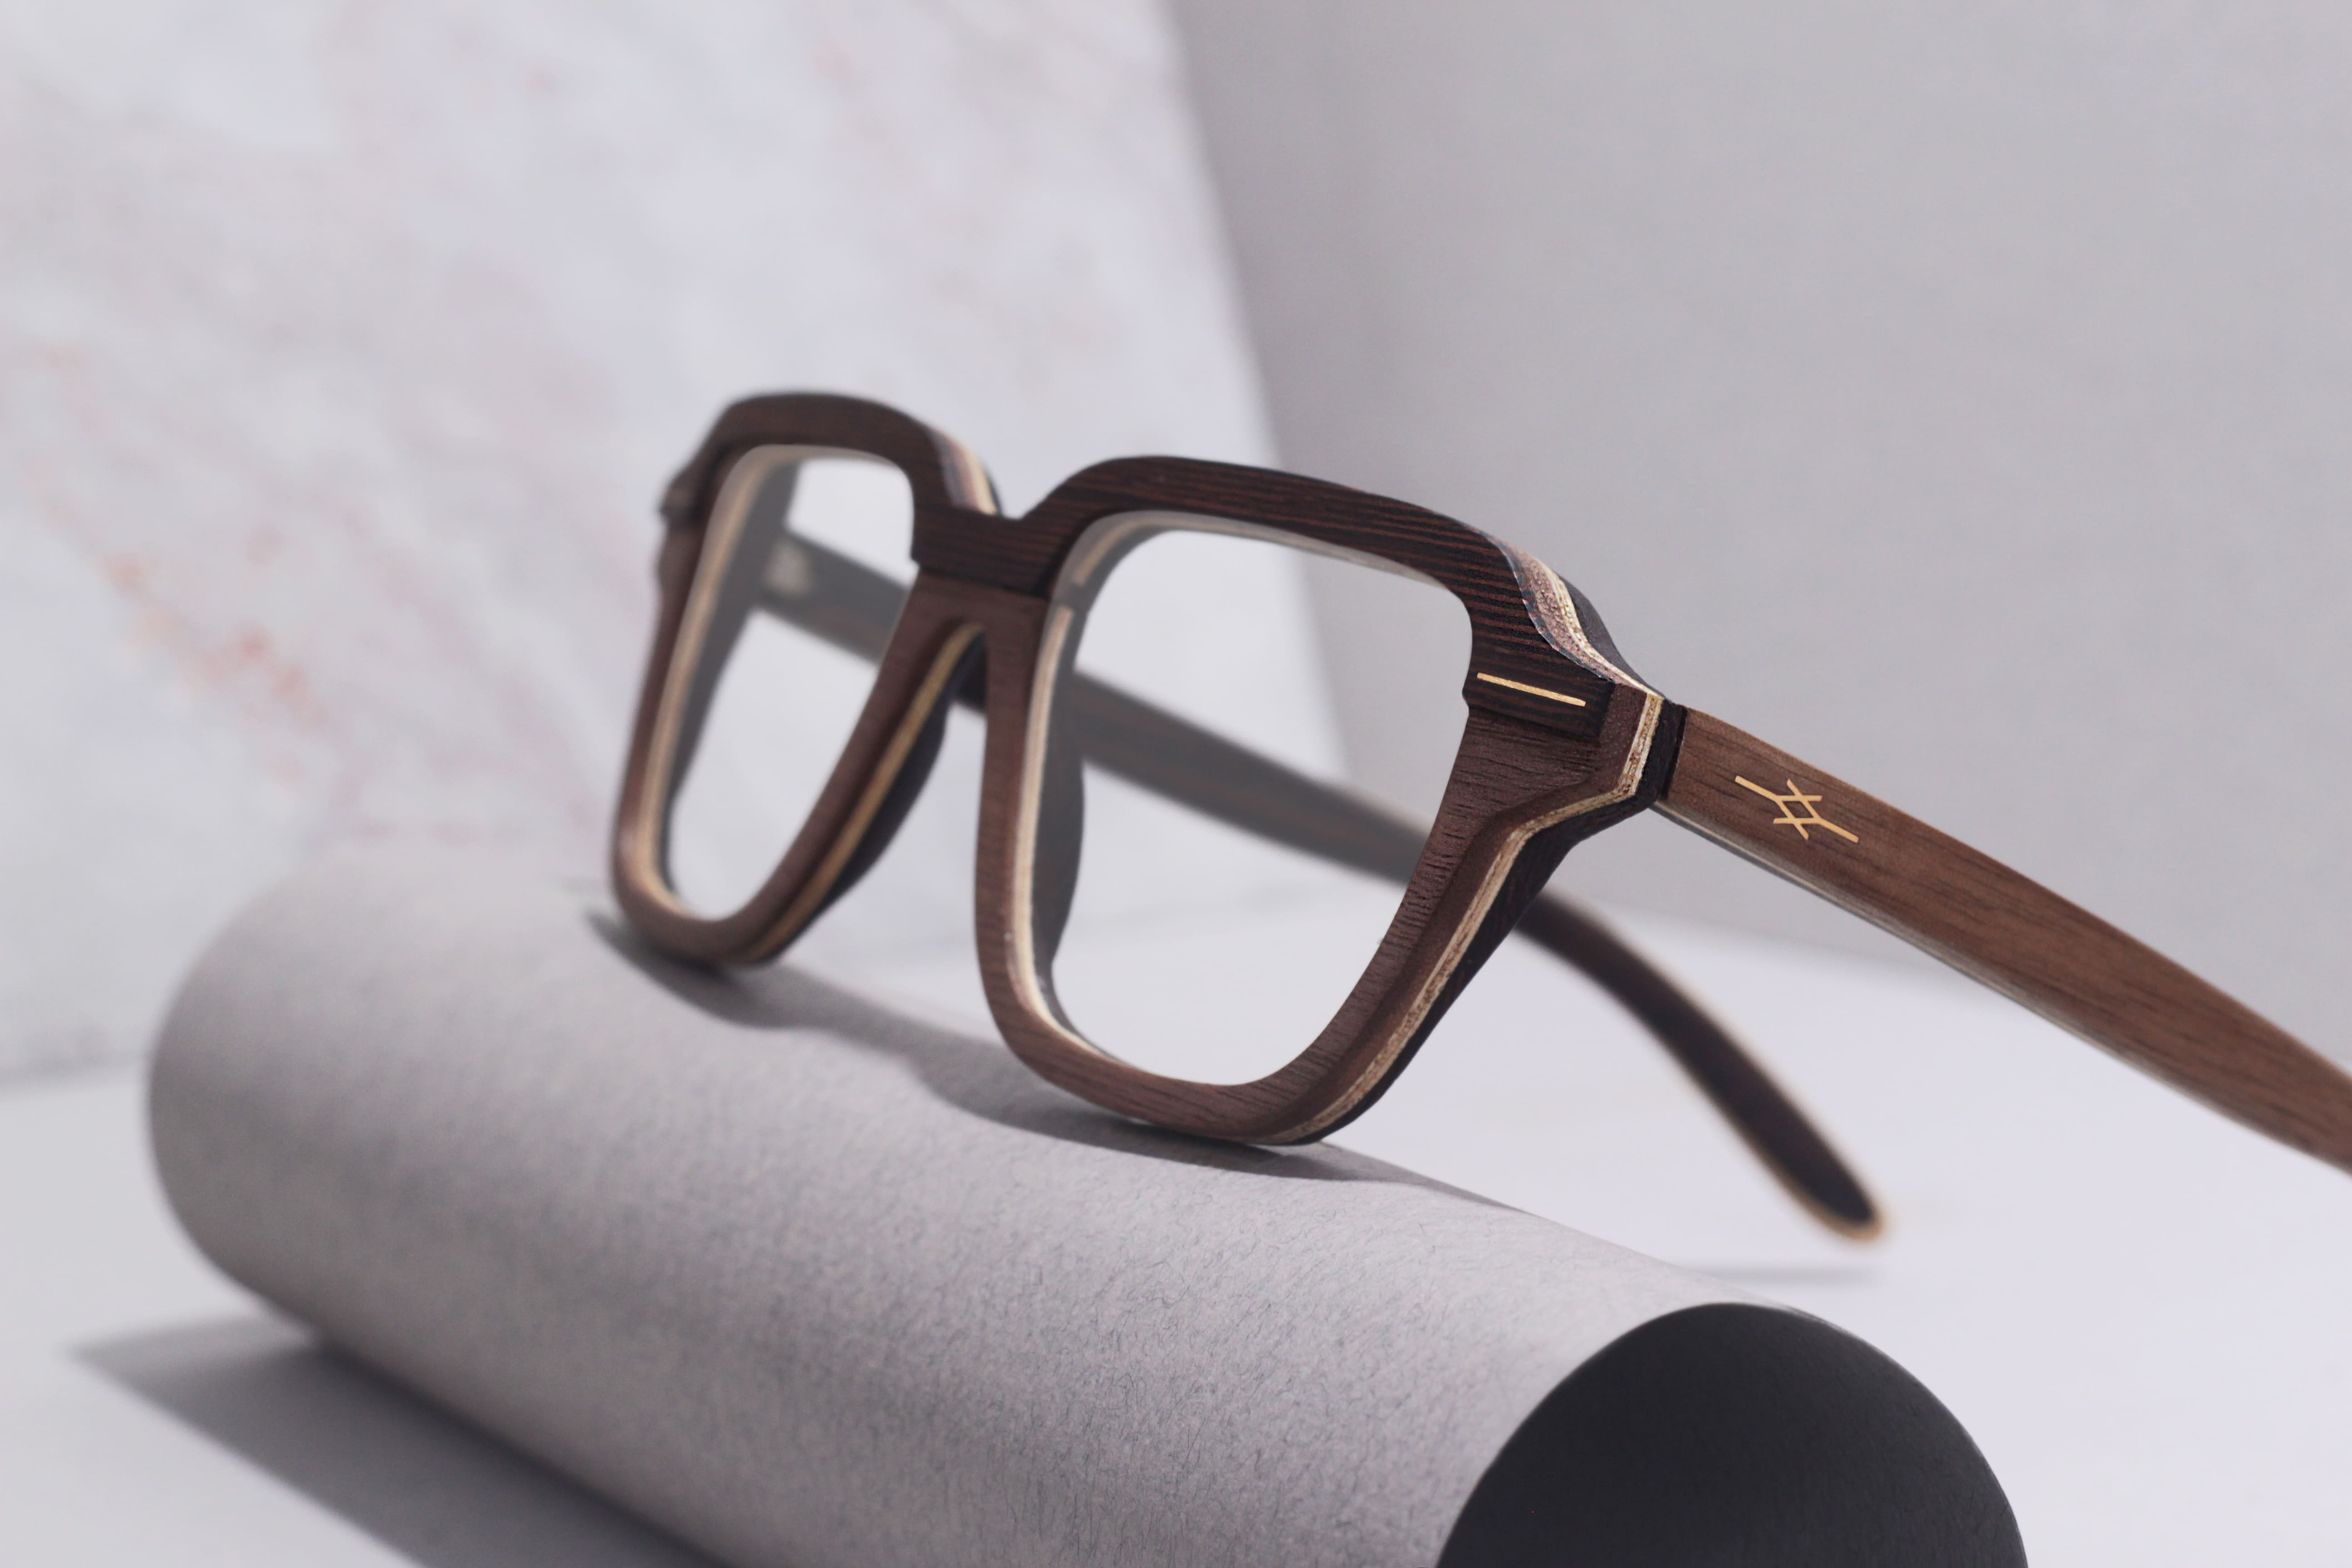 Keegan VAKAY handmade wooden eyewear